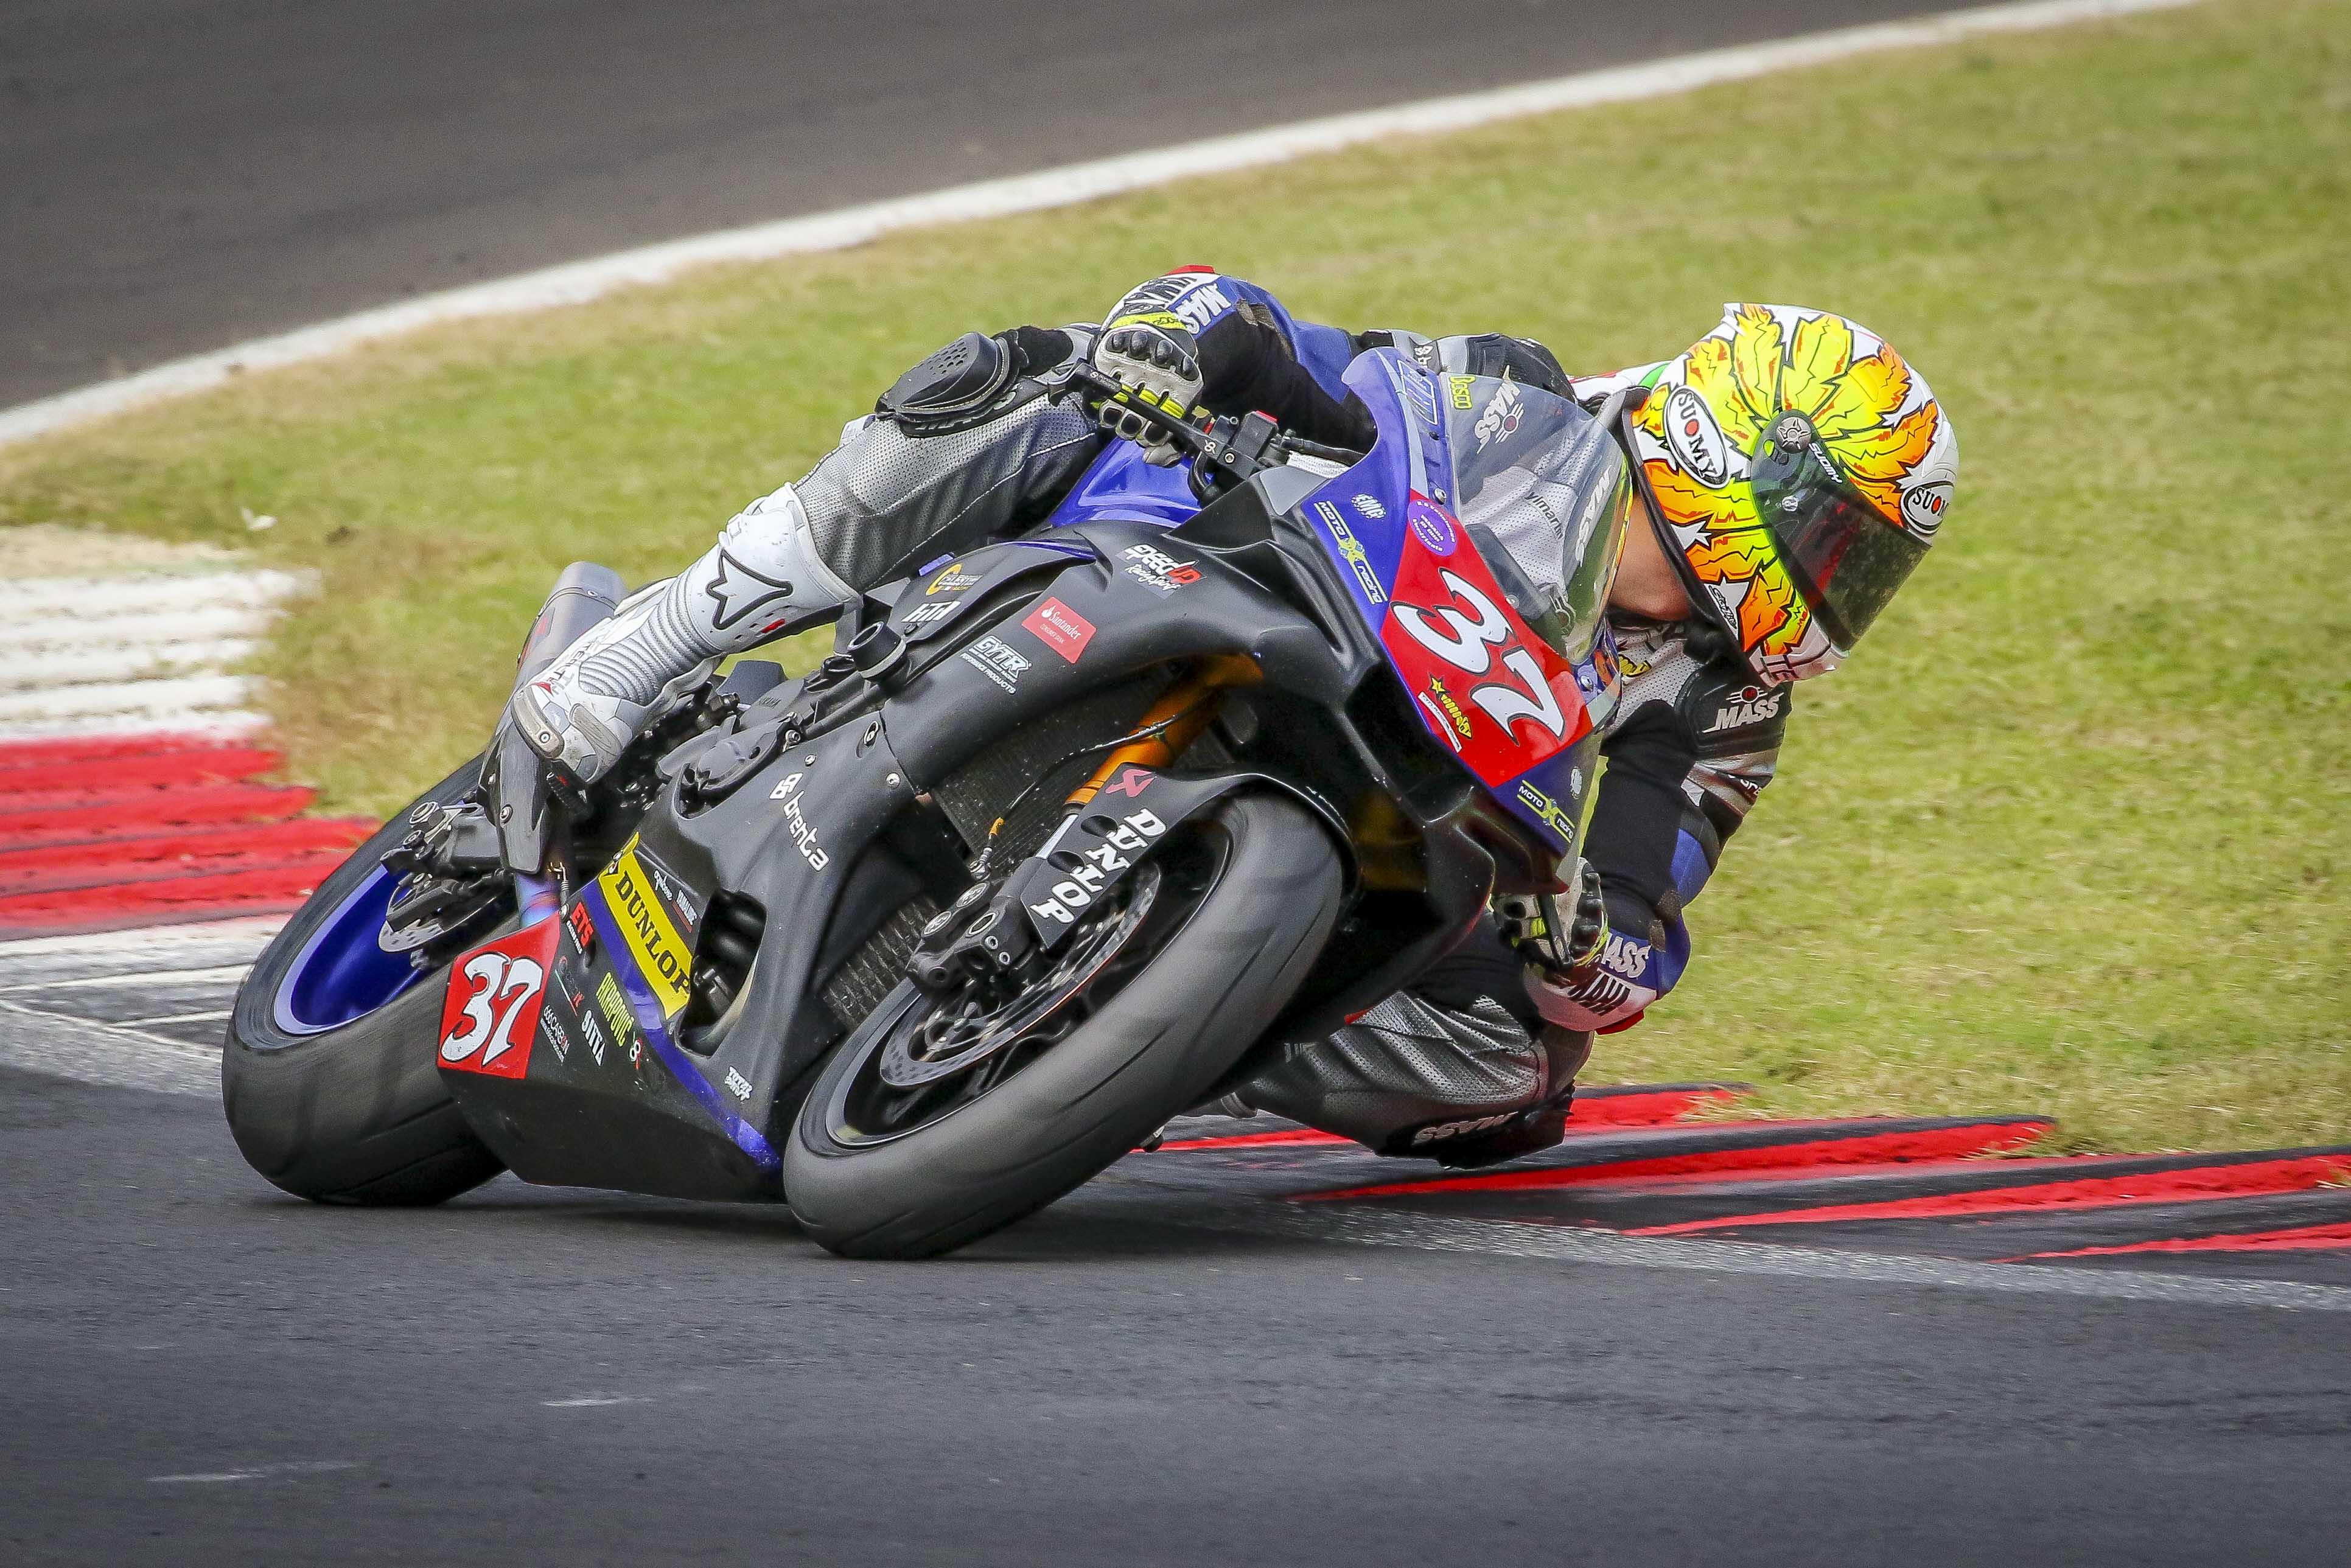 Il 2019 Del Trofeo Yamaha R1 Cup Si Apre All Insegna Della Competitivita